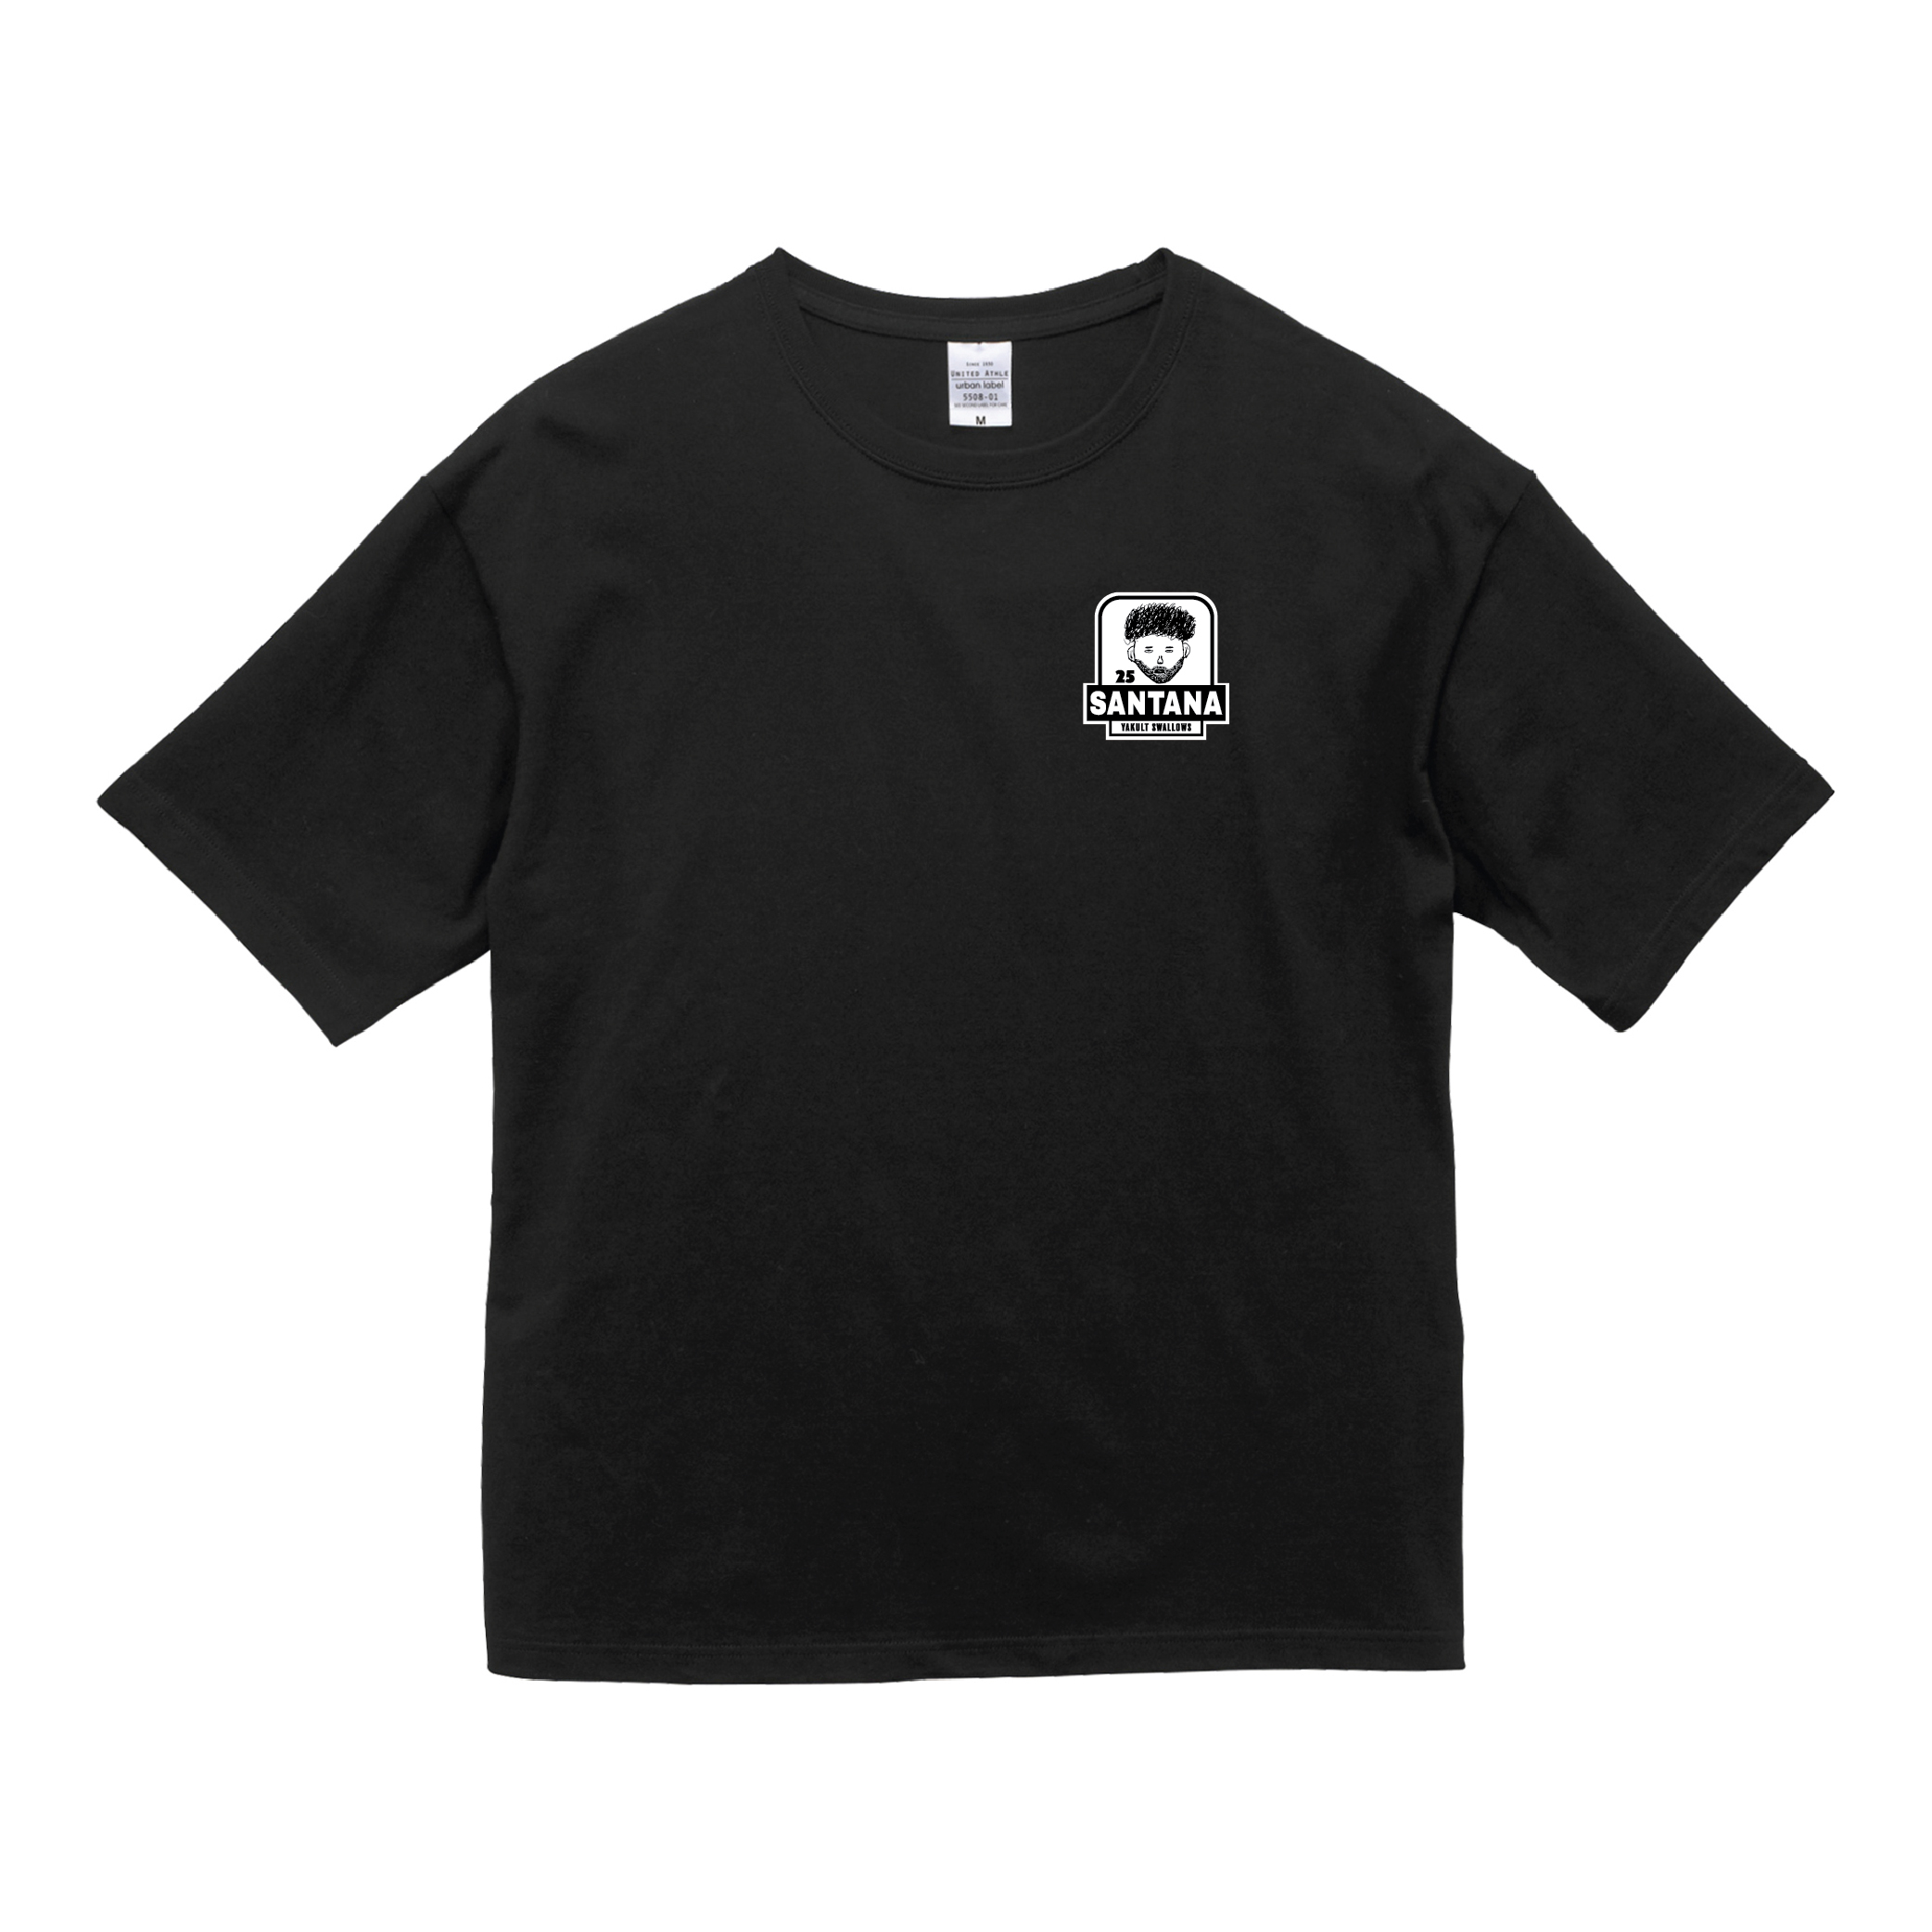 サンタナ選手自画像刺繍Tシャツ